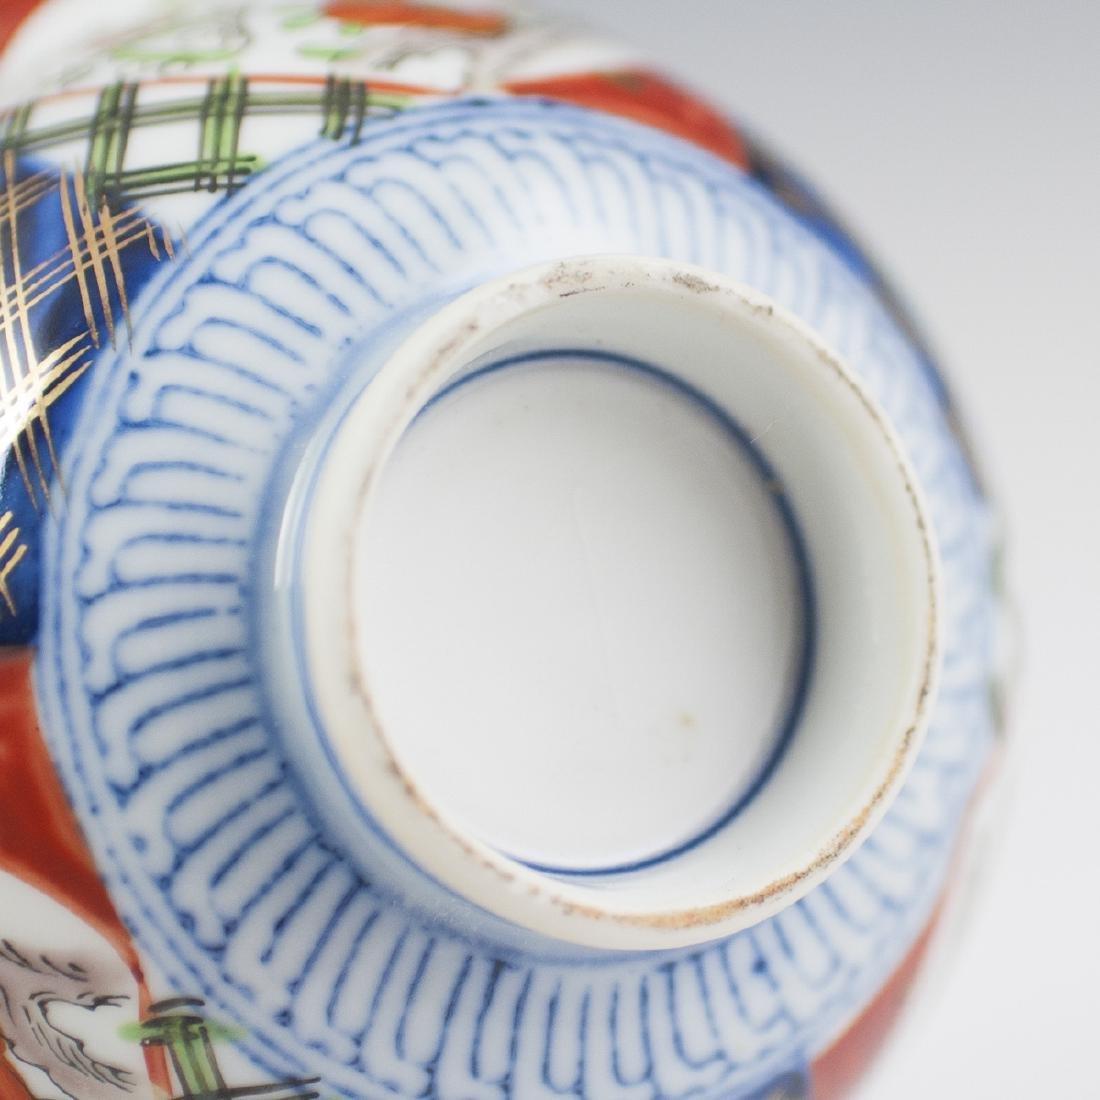 Japanese Imari Enameled Porcelain Bowl - 3